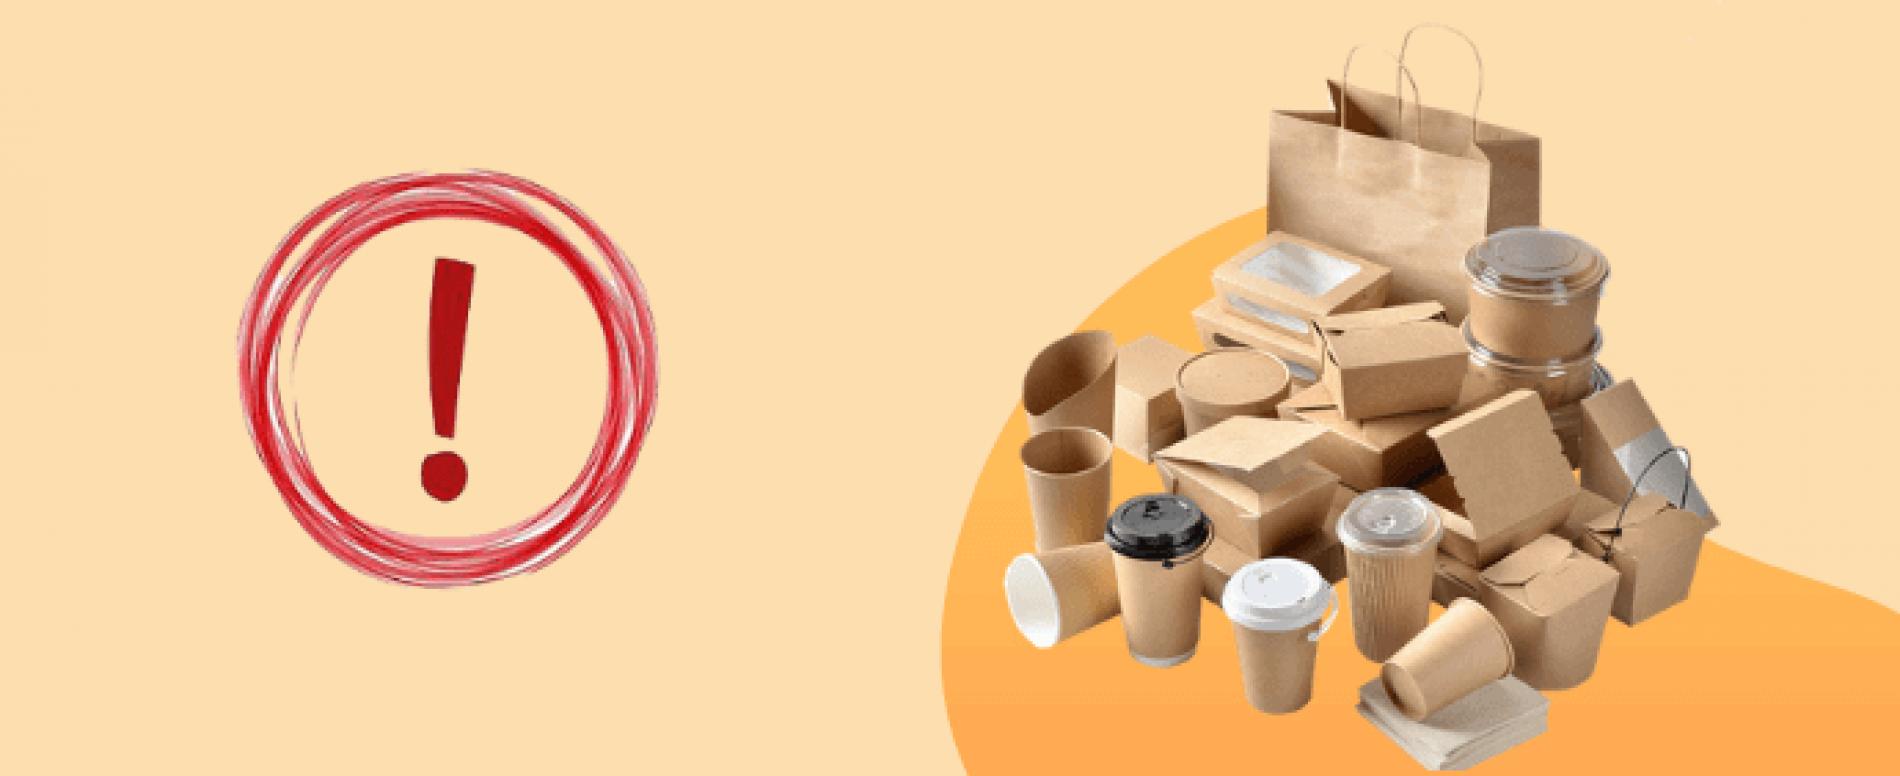 Carta e cartone alimentare in alternativa alla plastica: rischi per la salute